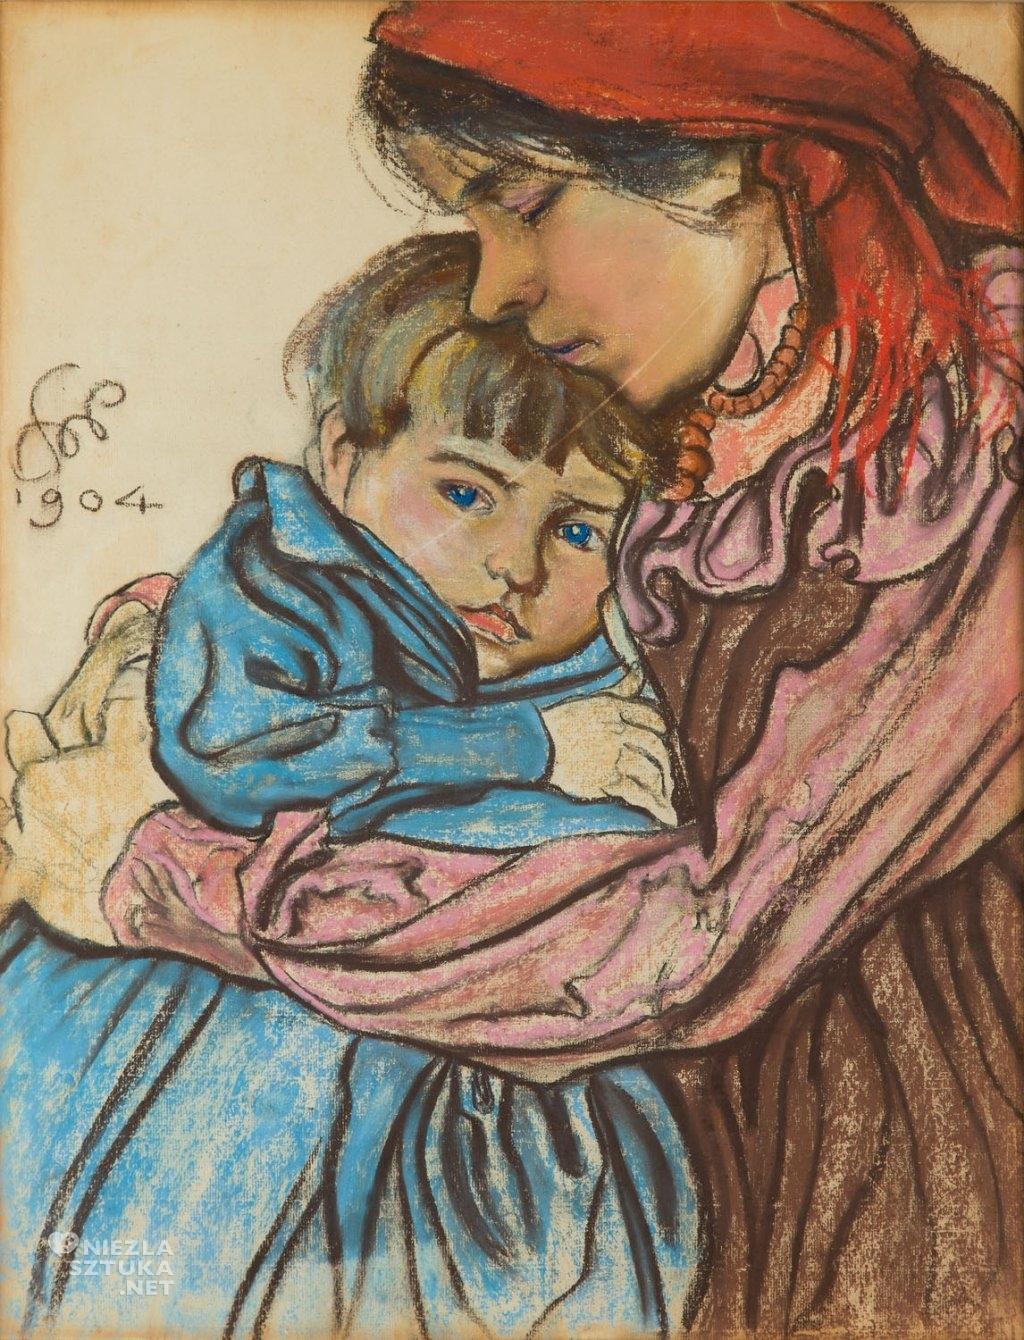 Stanisław Wyspiański Macierzyństwo | 1904, wł. prywatna, fot. DESA Unicum